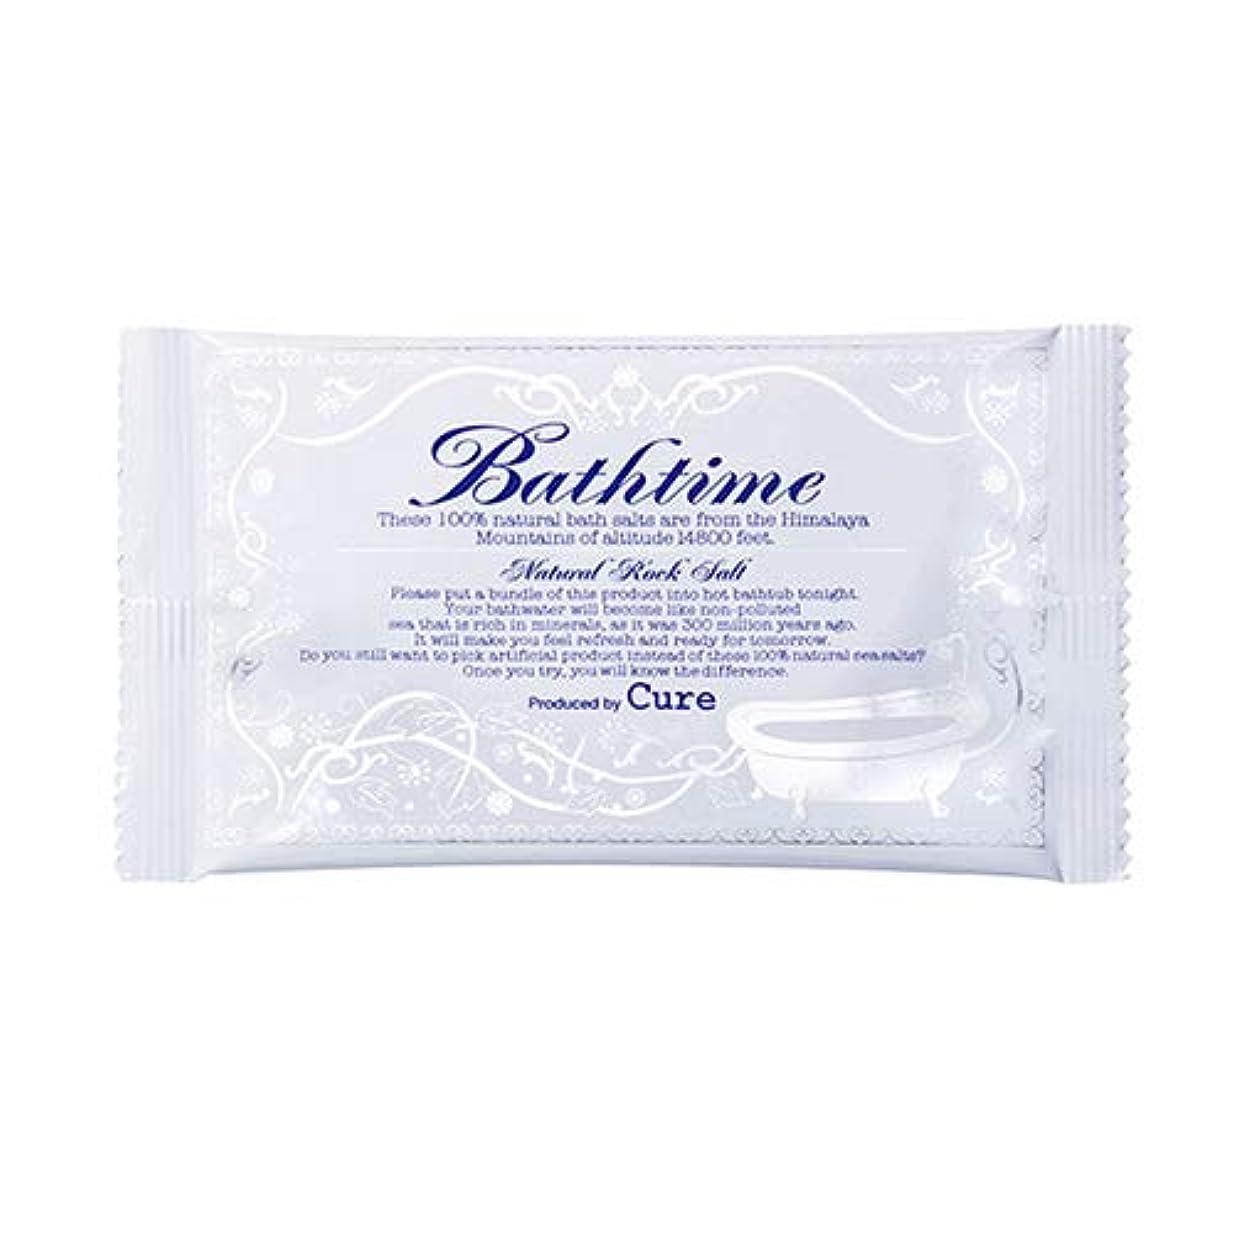 ピクニックチートファンシーバスタイム (20g) Cure 温浴系バスソルト 入浴剤